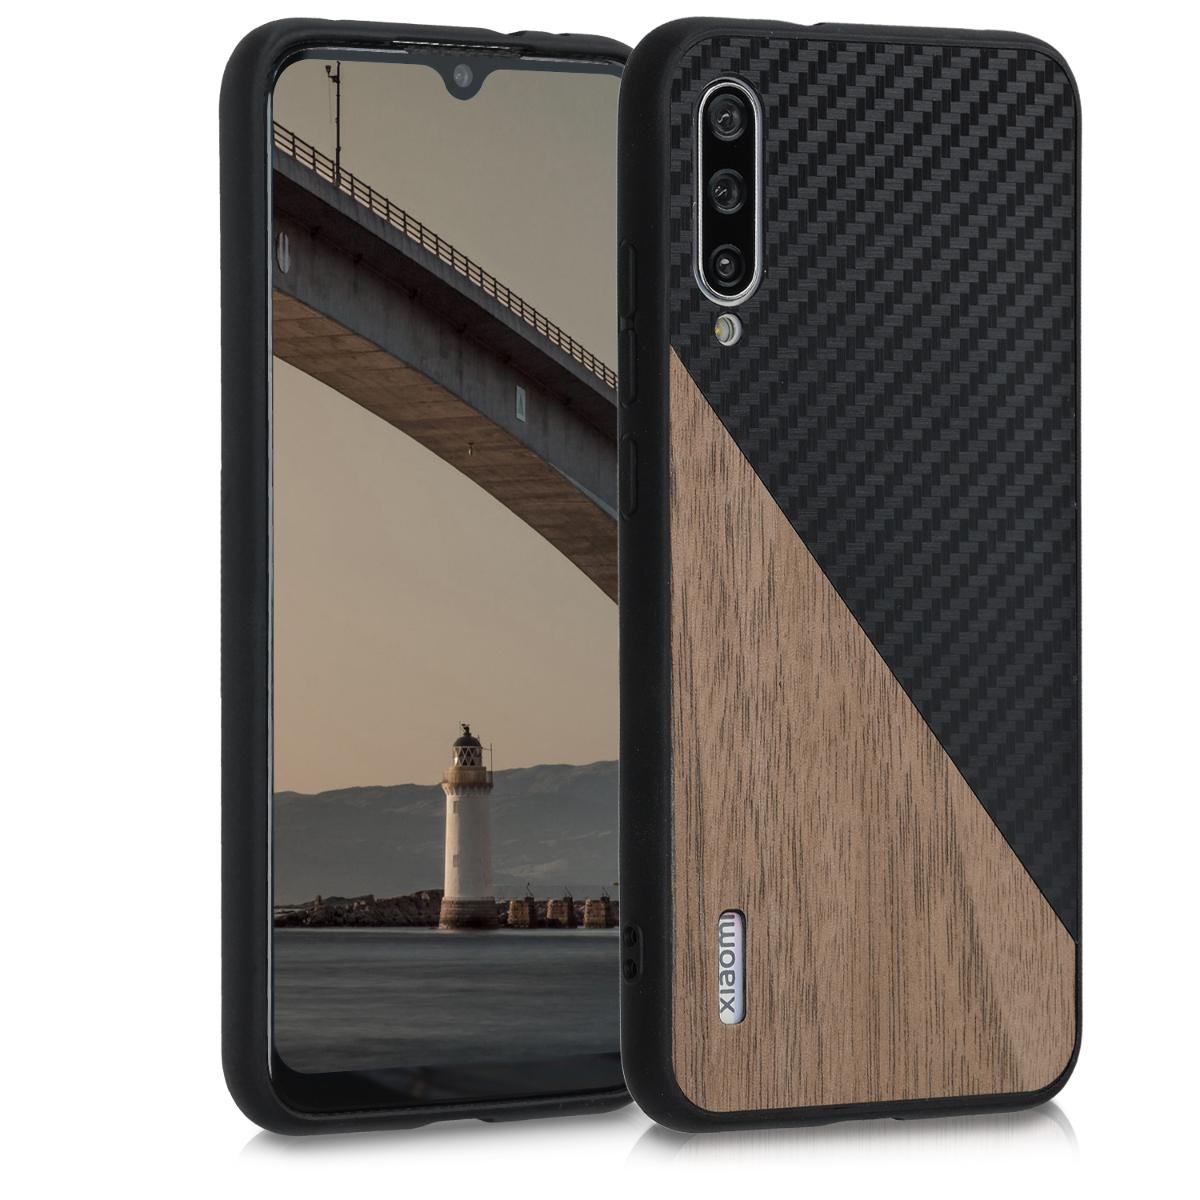 KW Σκληρή Θήκη Xiaomi Mi A3 - TPU Bumper and Wood / Carbon Fiber - Dark Brown / Black (50998.01)